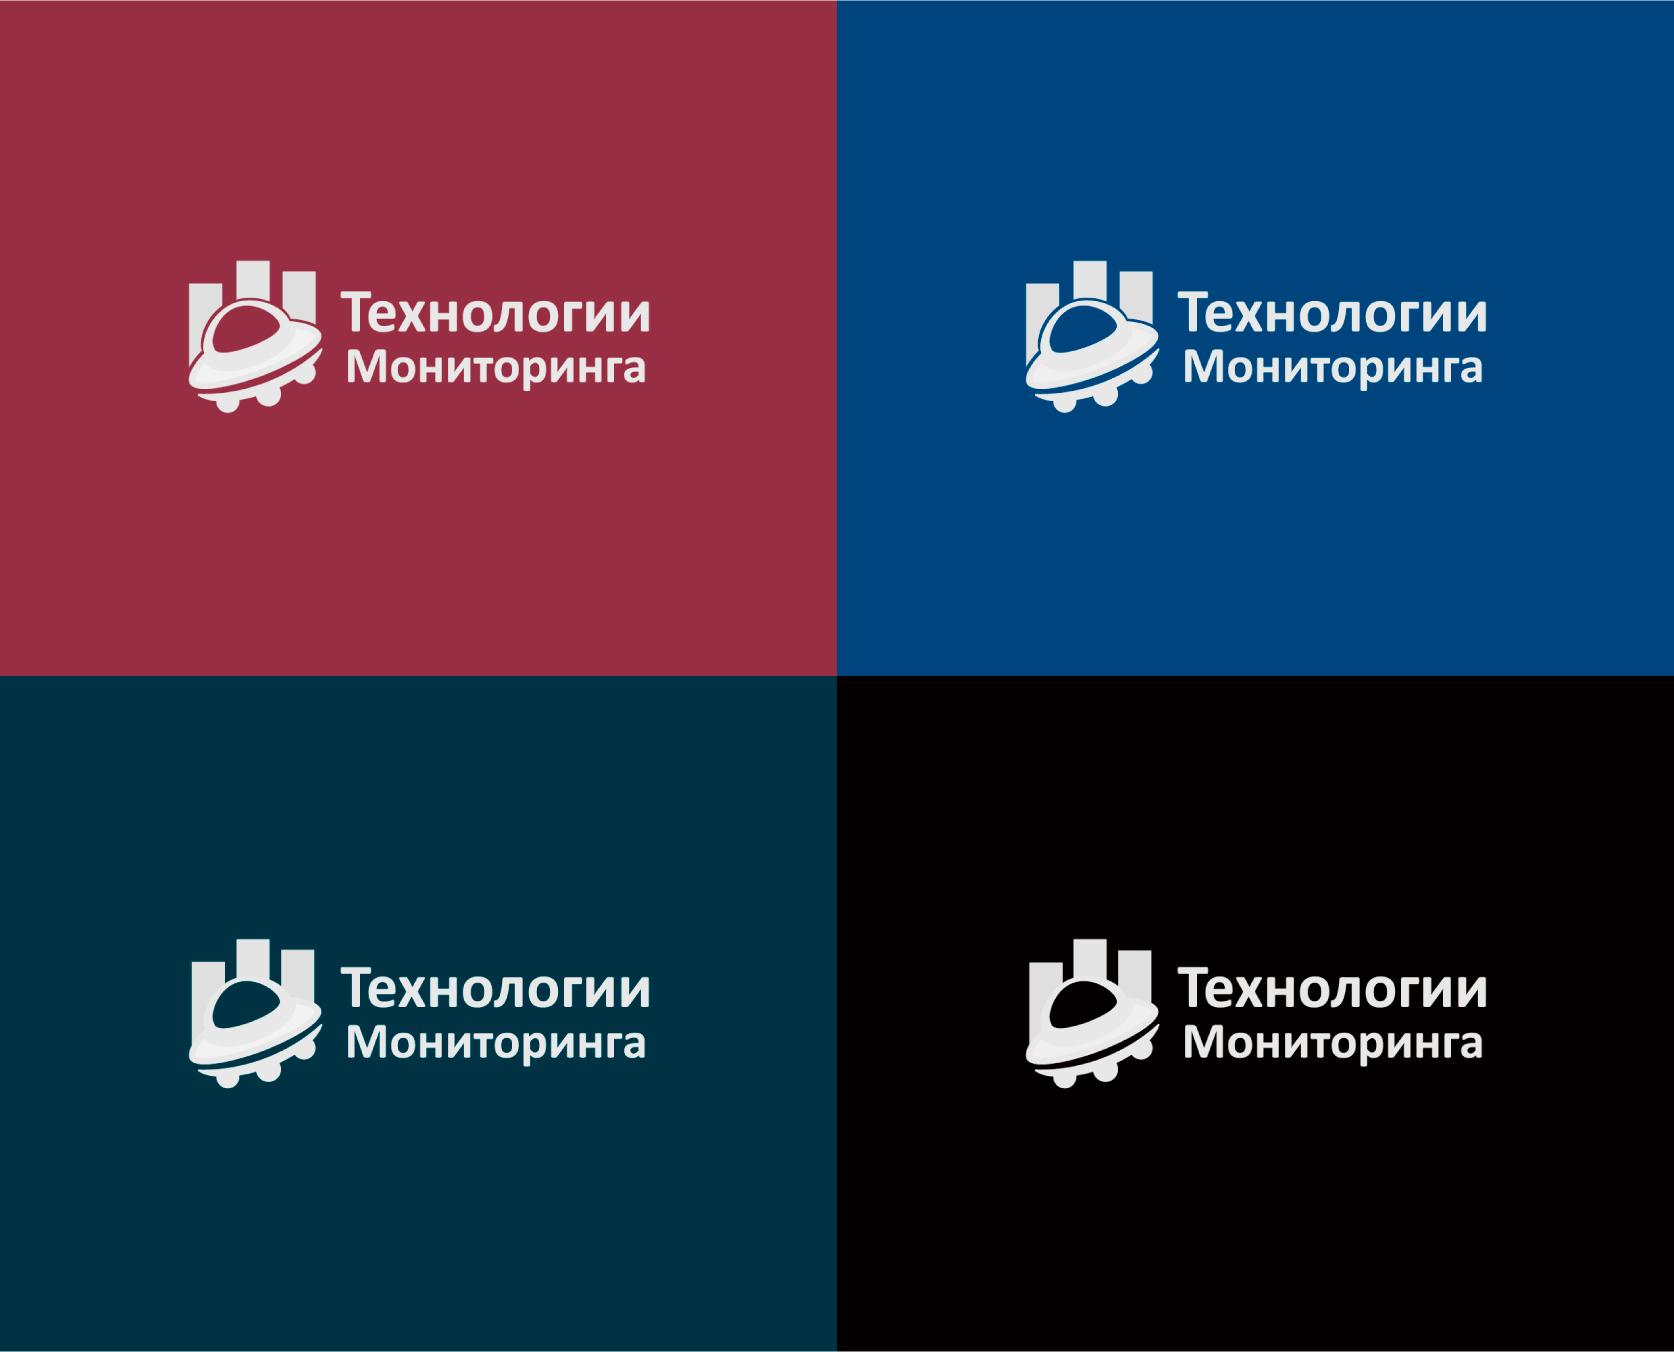 Разработка логотипа фото f_3525979a731efe9a.jpg